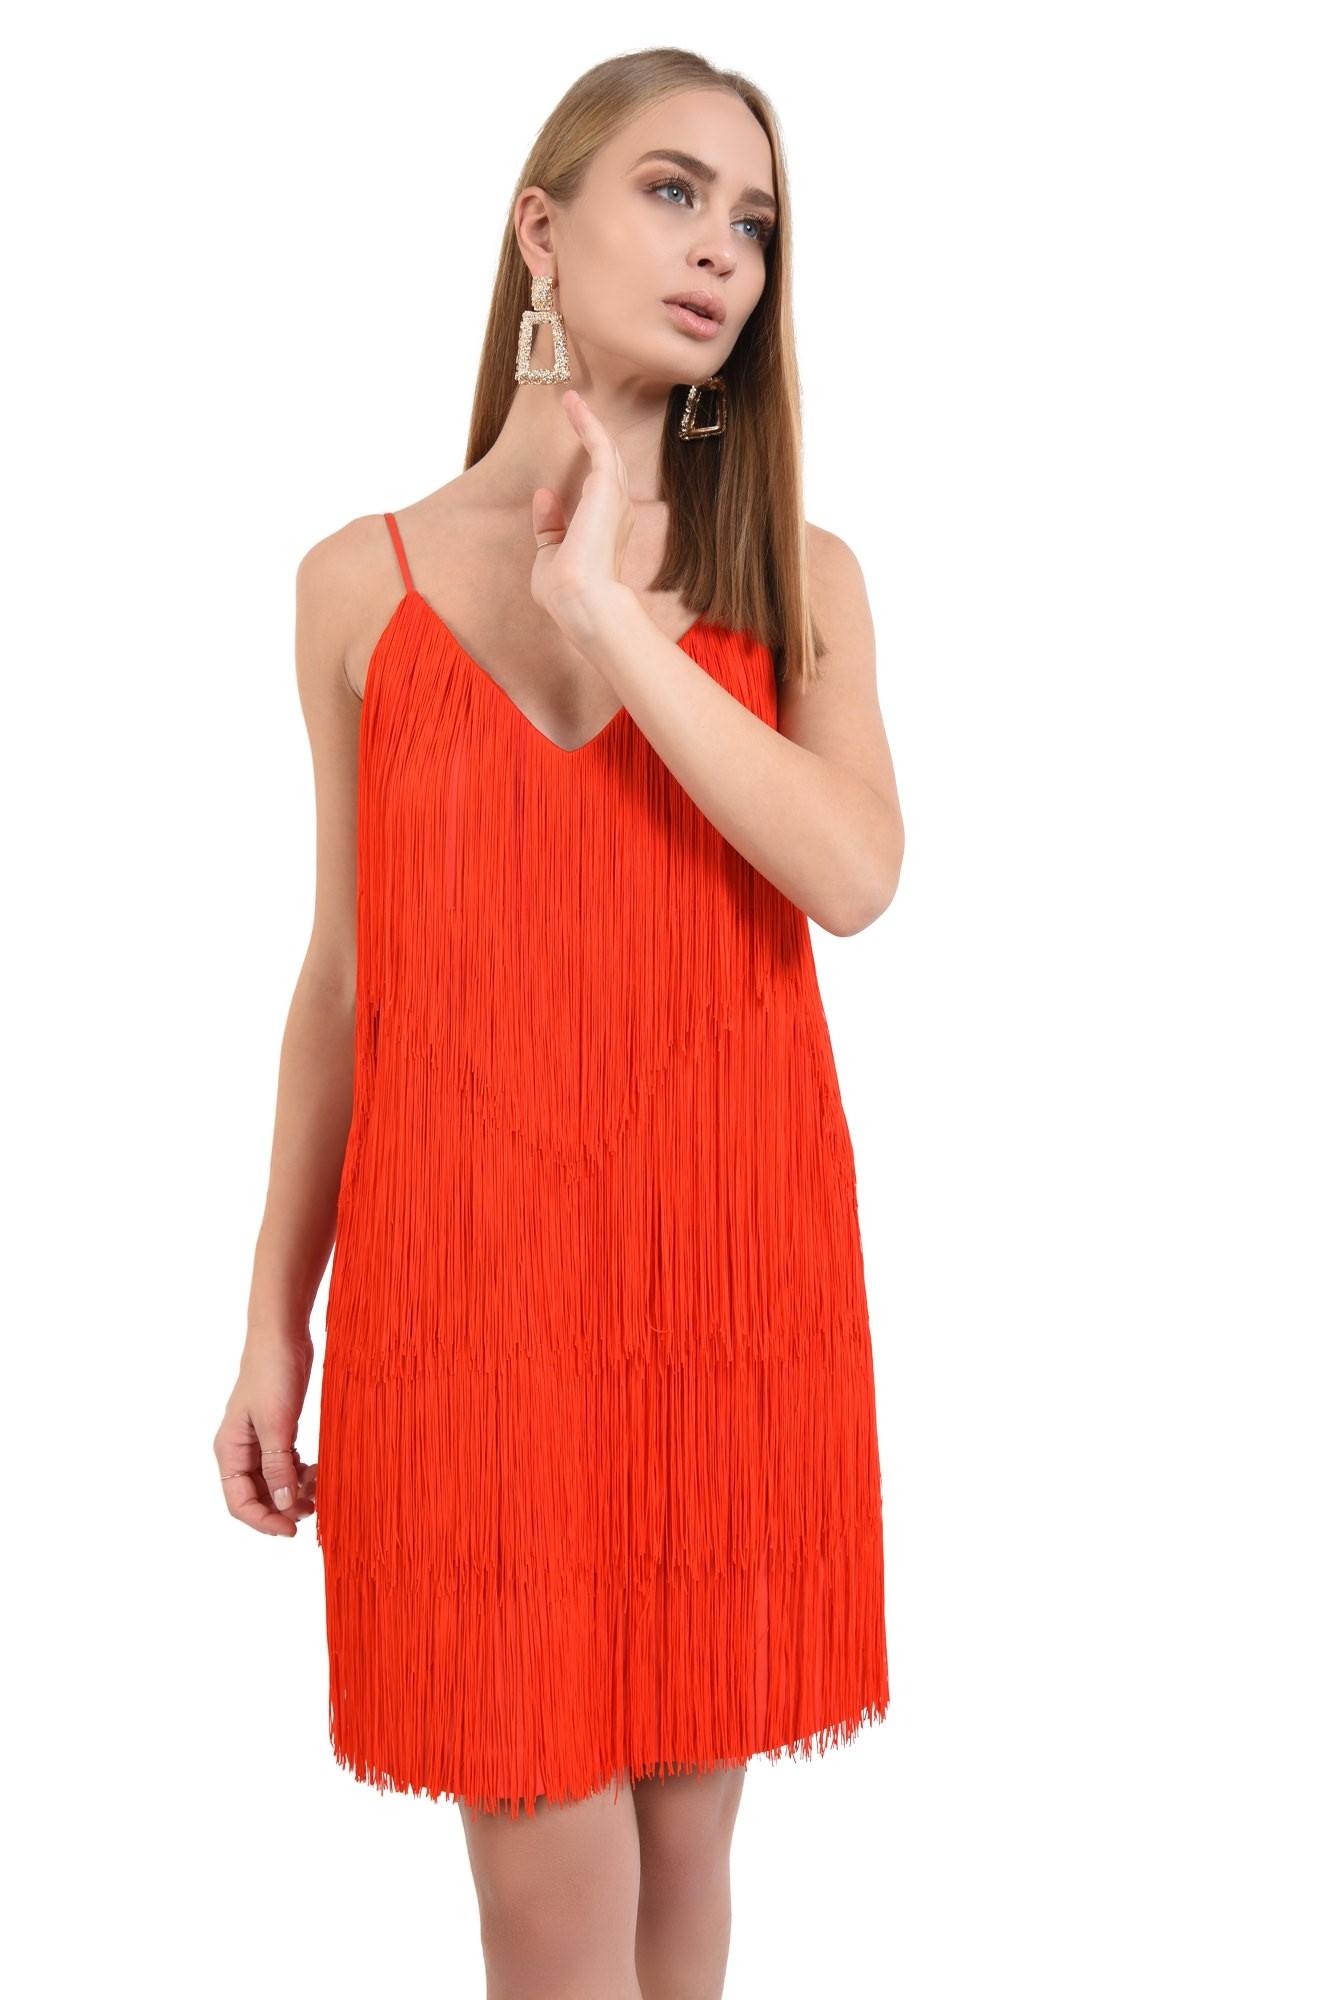 0 - rochie de seara, cu franjuri, corai, bretele spaghetti